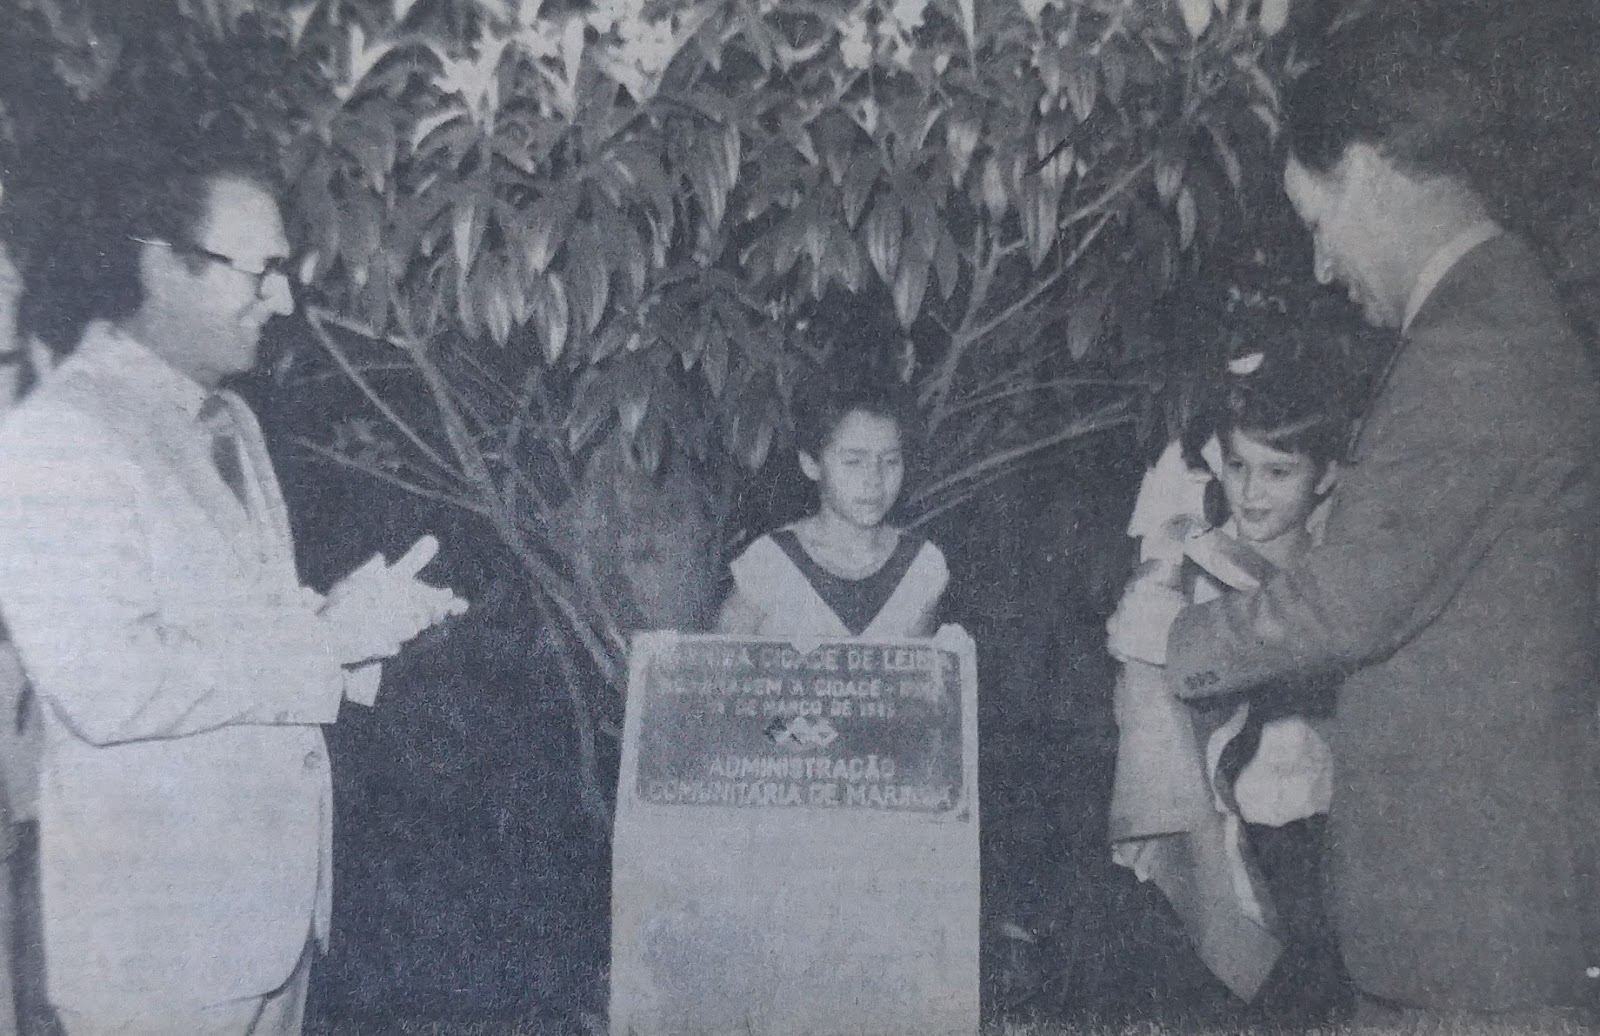 Comitiva portuguesa inaugura a avenida Cidade de Leiria - 1985